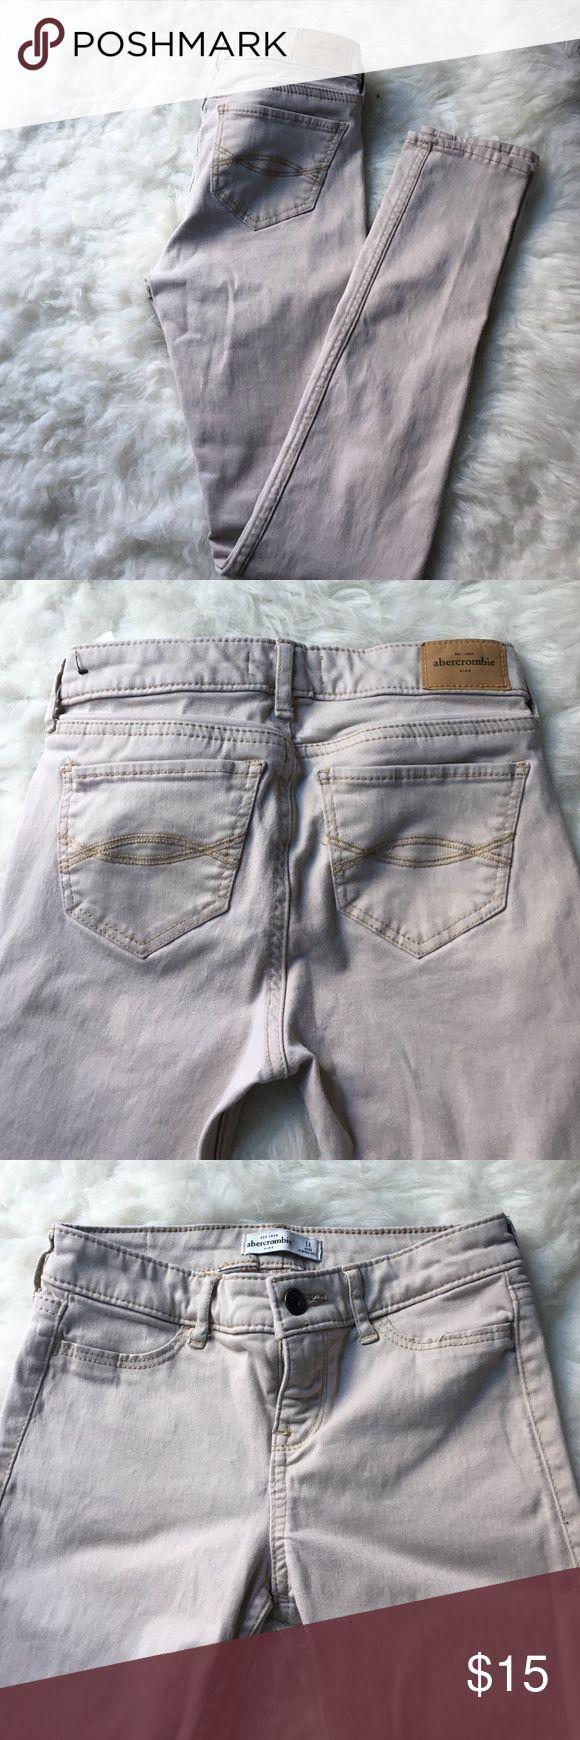 """Abercrombie Kids Khaki Skinny Jeans Abercrombie Kids   Size 14   Khaki Skinny Jeans   Stretchy   Waist 24"""" Inches, Inseam 26"""" Inches abercrombie kids Bottoms Jeans"""